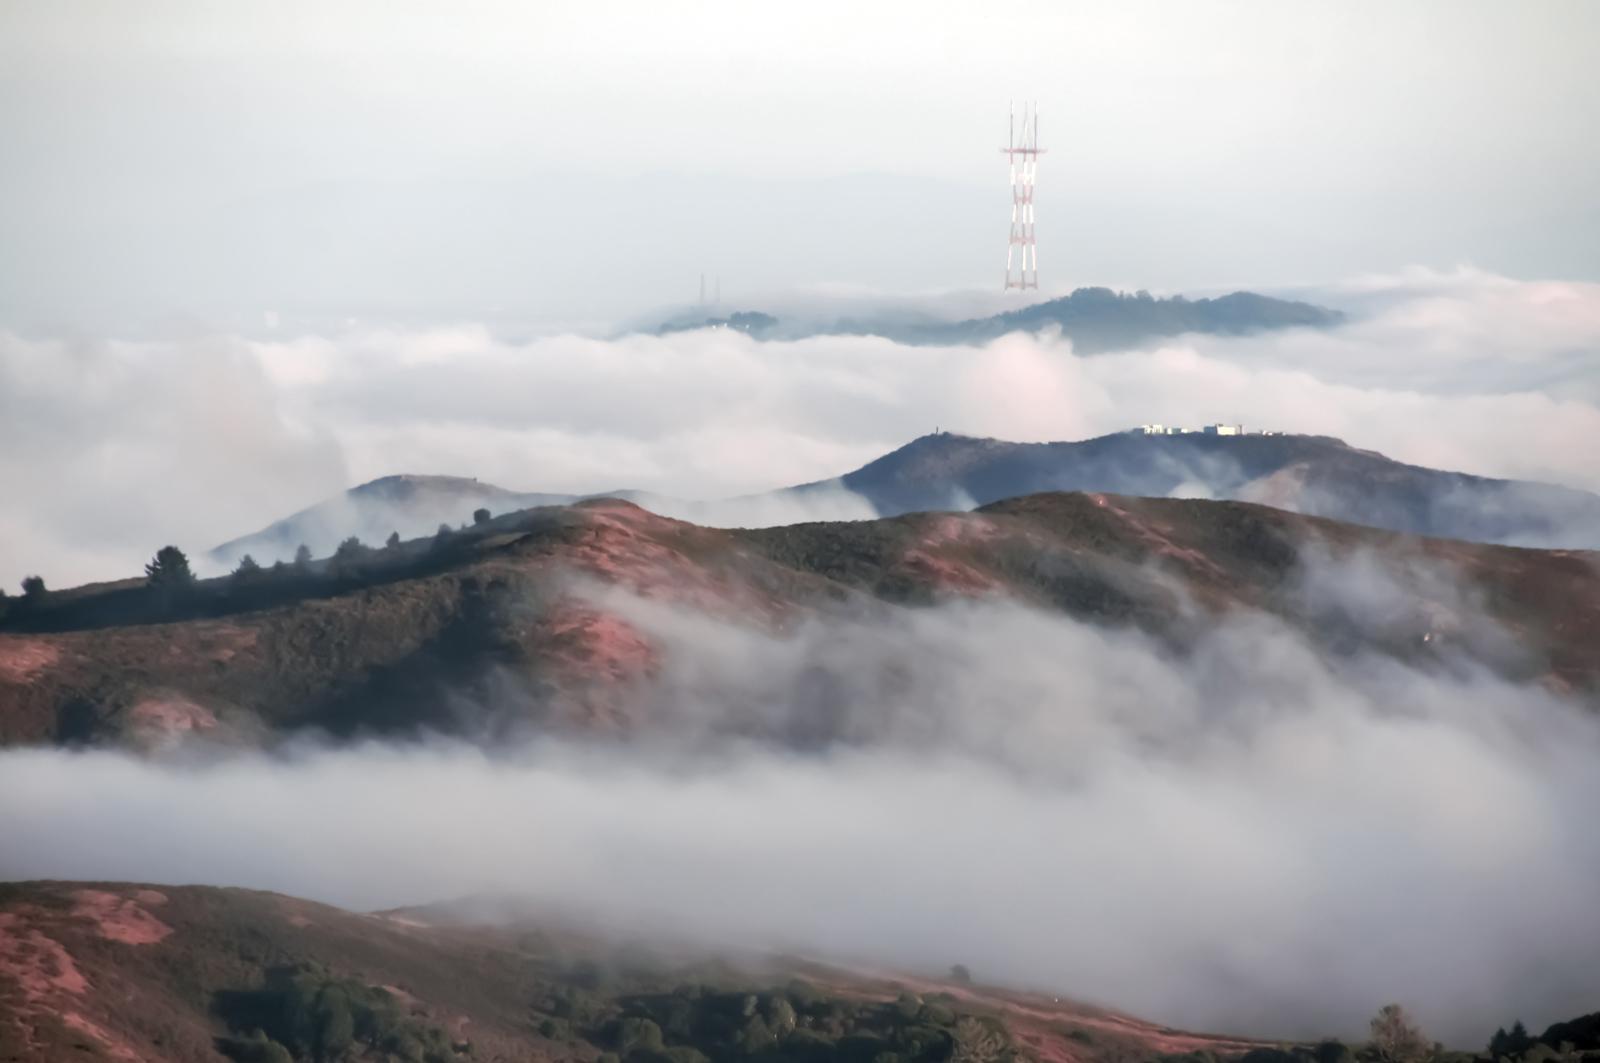 Mount Sutro Lop in San Francisco